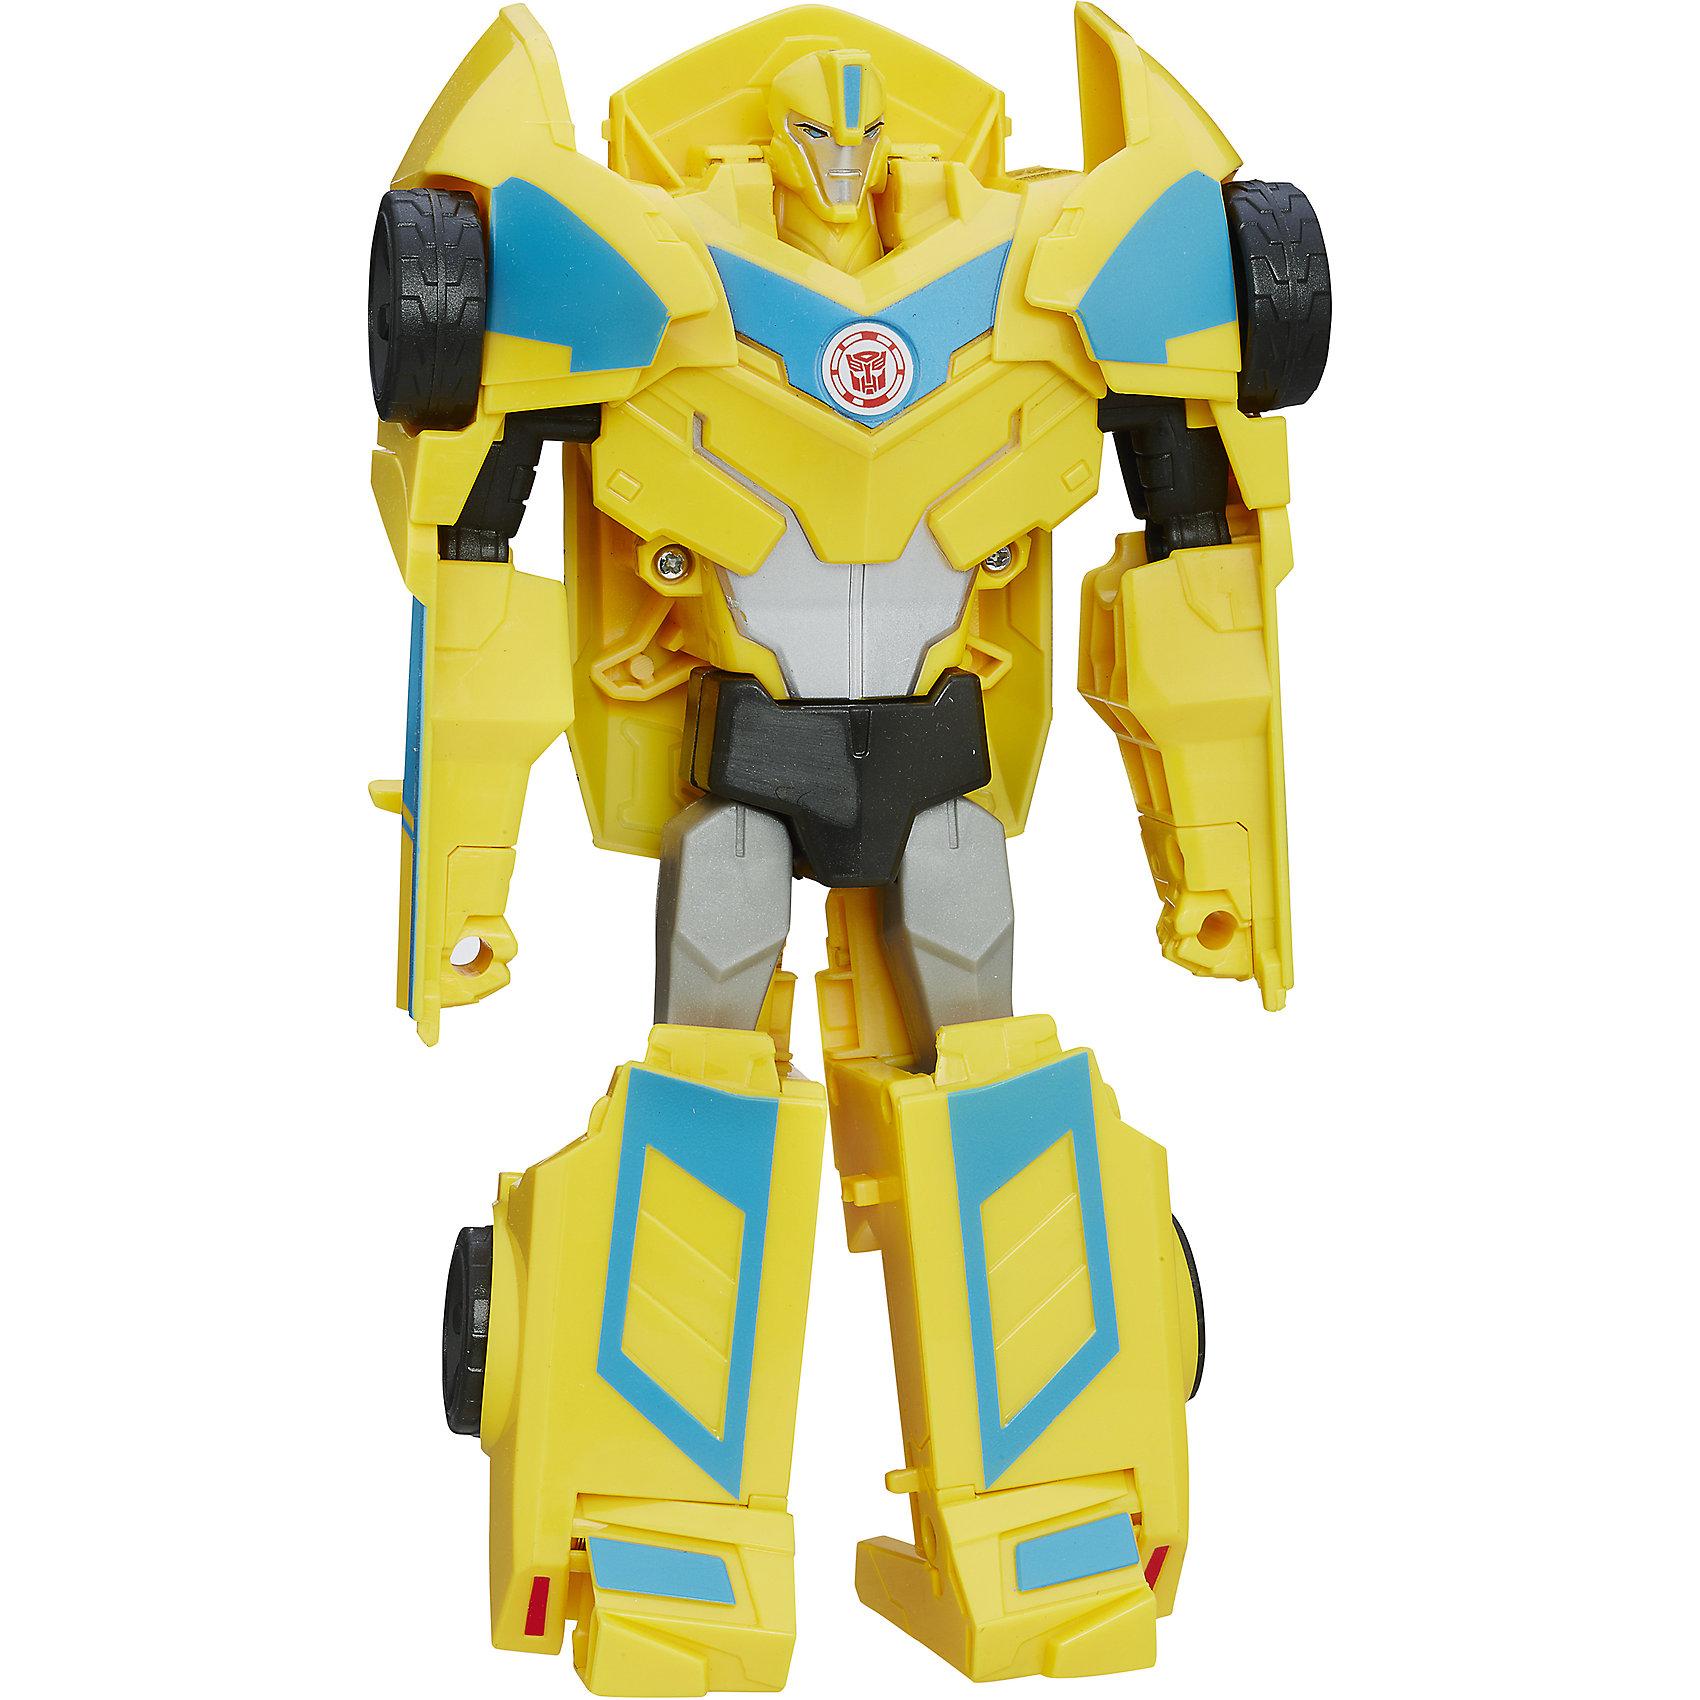 Роботс-ин-Дисгайс Гиперчэндж, Трансформеры, B0067/B6808Характеристики:<br><br>• Вид игр: сюжетно-ролевые, коллекционирование<br>• Пол: для мальчиков<br>• Коллекция: Трансформеры<br>• Материал: пластик<br>• Высота робота: от 12 см<br>• Трансформируется в машинку<br>• На фигурке имеется сканируемая наклейка, которая открывает доступ и дополнительные возможности в бесплатном мобильном приложении Hasbro Robots in Disguise<br>• Вес в упаковке: 300 г<br>• Размеры упаковки (Г*Ш*В): 15*6*17,5 см<br>• Упаковка: блистер на картонной подложке<br><br>Роботс-ин-Дисгайс Гиперчэндж, Бамблби, Трансформеры, B0067/B6808, B0067/B6808 от Хасбро – это коллекция трансформеров-роботов, созданных по мотивам популярного мультсериала Трансформеры: Роботы под прикрытием. Коллекция включает в себя роботов двух враждующих кланов. Каждая фигурка трансформируется либо в машину, либо в монстра или динозавра. Фигурки героев данной серии выполнены из безопасного и устойчивого к ударам пластика, окрашены нетоксичной краской. На груди робота имеется сканируемая наклейка, которая открывает доступ и дополнительные возможности в бесплатном мобильном приложении Hasbro Robots in Disguise. Фигурка выполнена с высокой степенью детализации. Сюжетно-ролевые игры с Роботс-ин-Дисгайс Гиперчэндж, Бамблби, Трансформеры, B0067/B6808, B0067/B6808 будут способствовать эмоциональному развитию ребенка, а разыгрываемые сюжеты с любимыми героями позволят развивать память и воображение. <br><br>Роботс-ин-Дисгайс Гиперчэндж, Бамблби, Трансформеры, B0067/B6808, B0067/B6808 можно купить в нашем интернет-магазине.<br><br>Ширина мм: 79<br>Глубина мм: 203<br>Высота мм: 229<br>Вес г: 300<br>Возраст от месяцев: 60<br>Возраст до месяцев: 120<br>Пол: Мужской<br>Возраст: Детский<br>SKU: 5352846